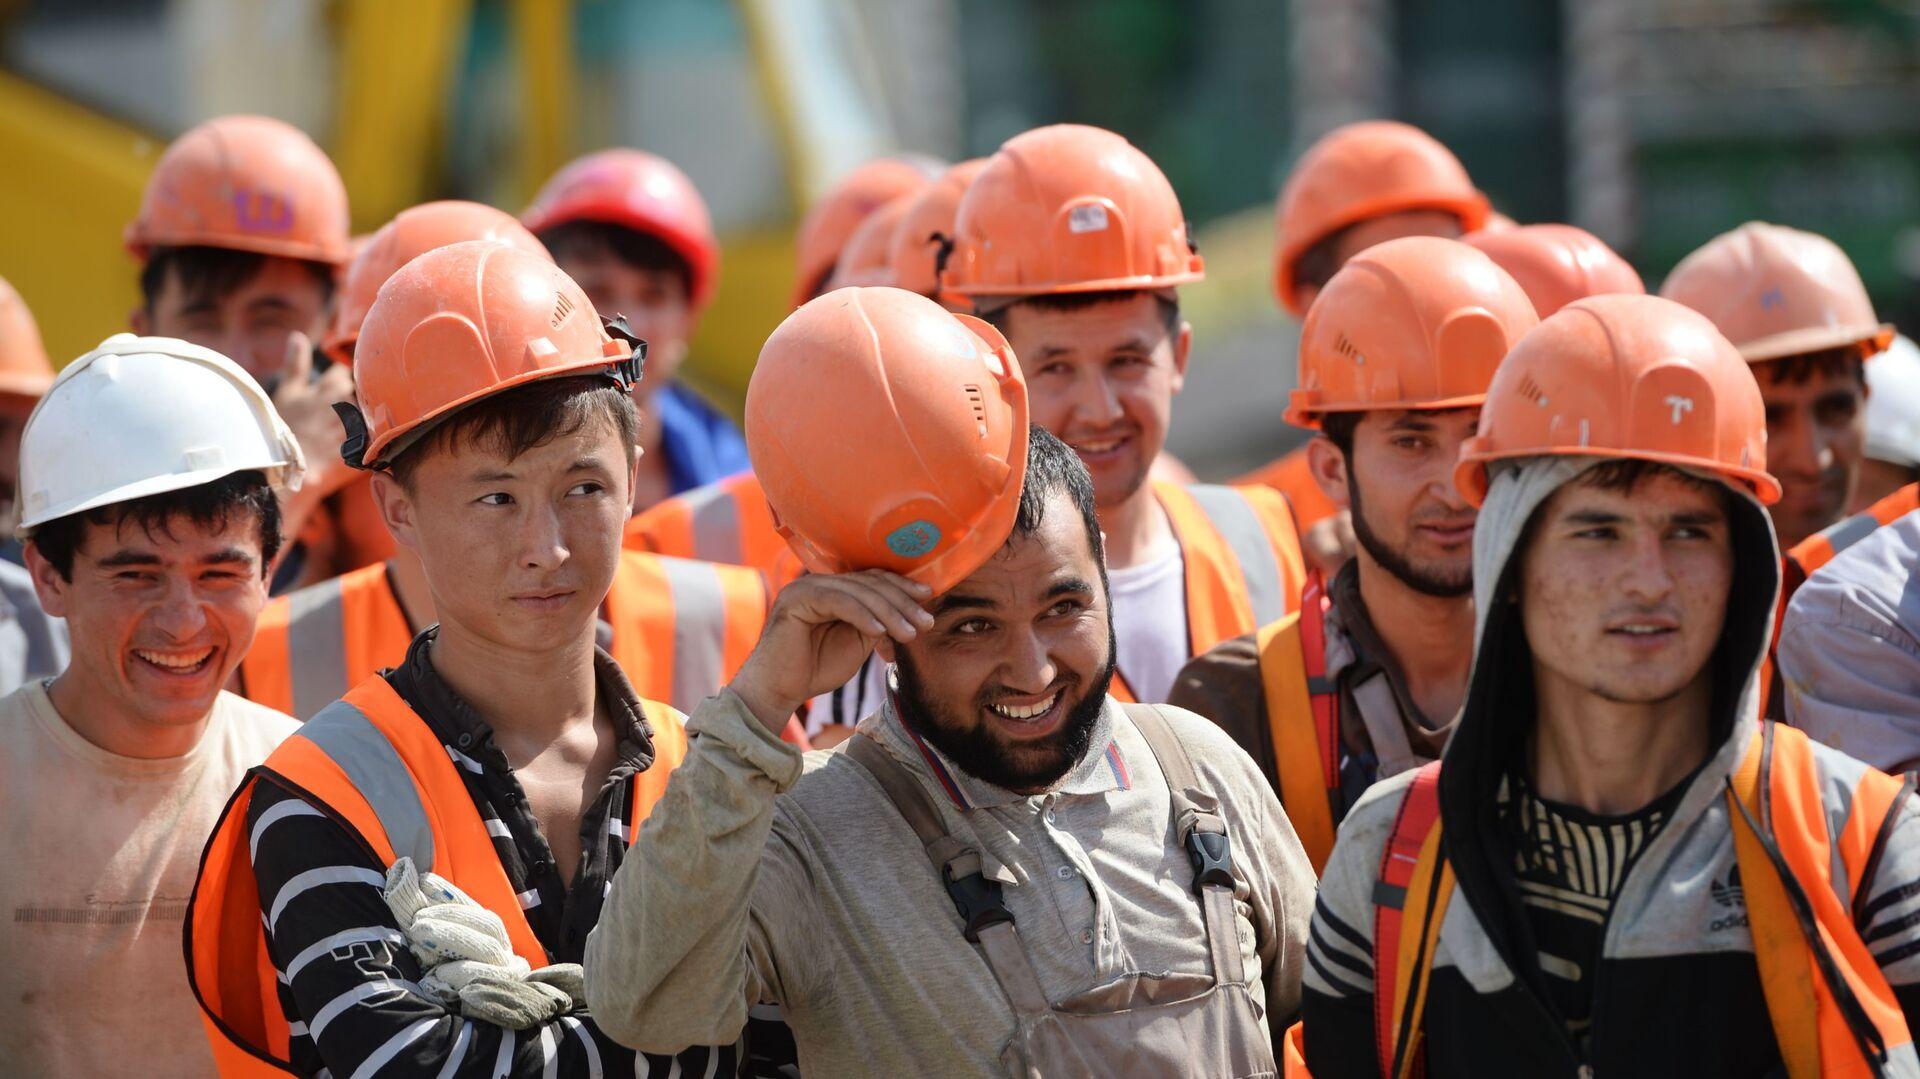 Рабочие на строительной площадке Центрального стадиона в Екатеринбурге - Sputnik Узбекистан, 1920, 22.09.2021